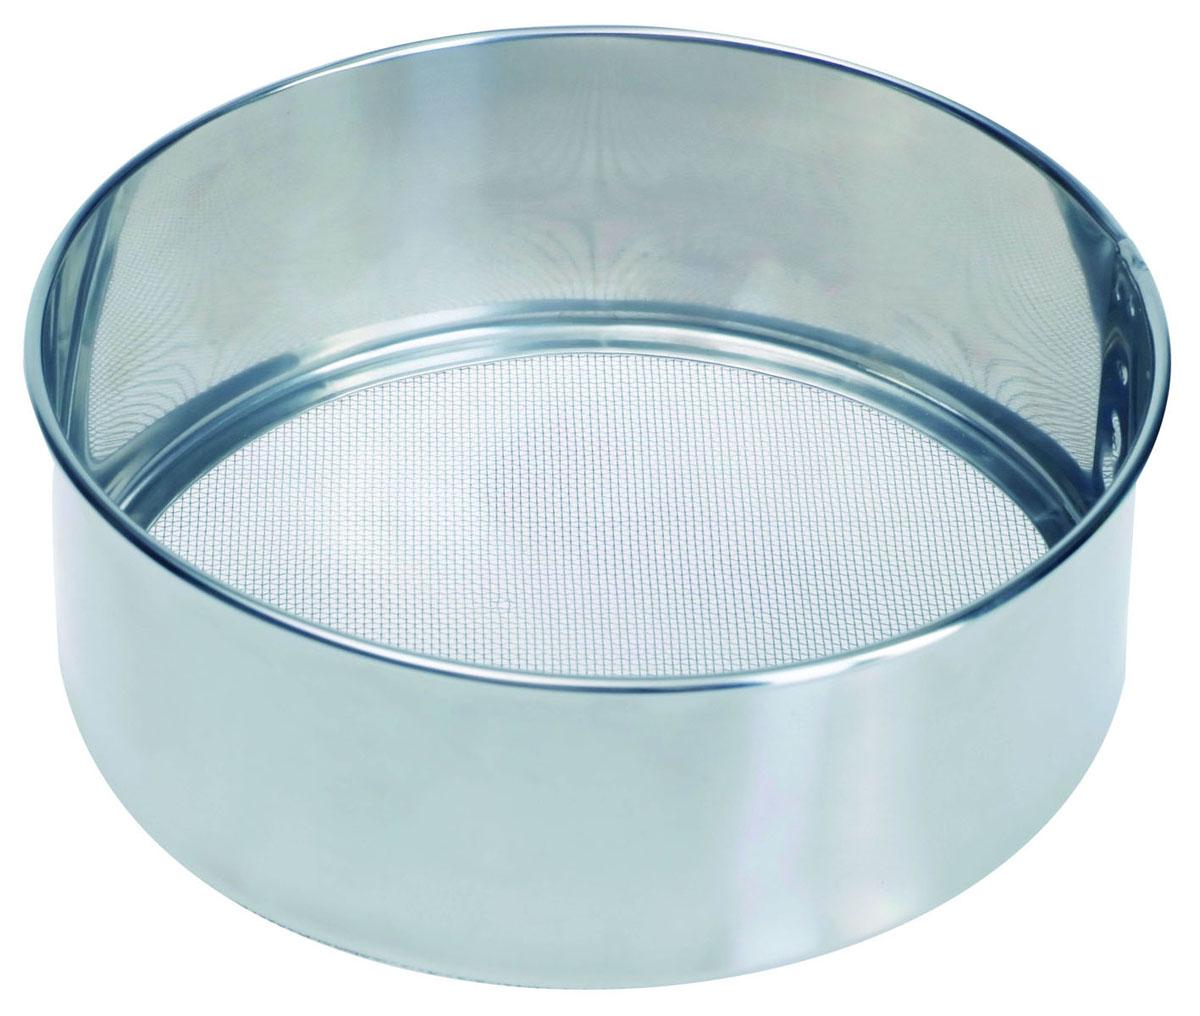 Сито Pronto. Диаметр 16 см крышка защита от насекомых regent inox linea pronto диаметр 26 см